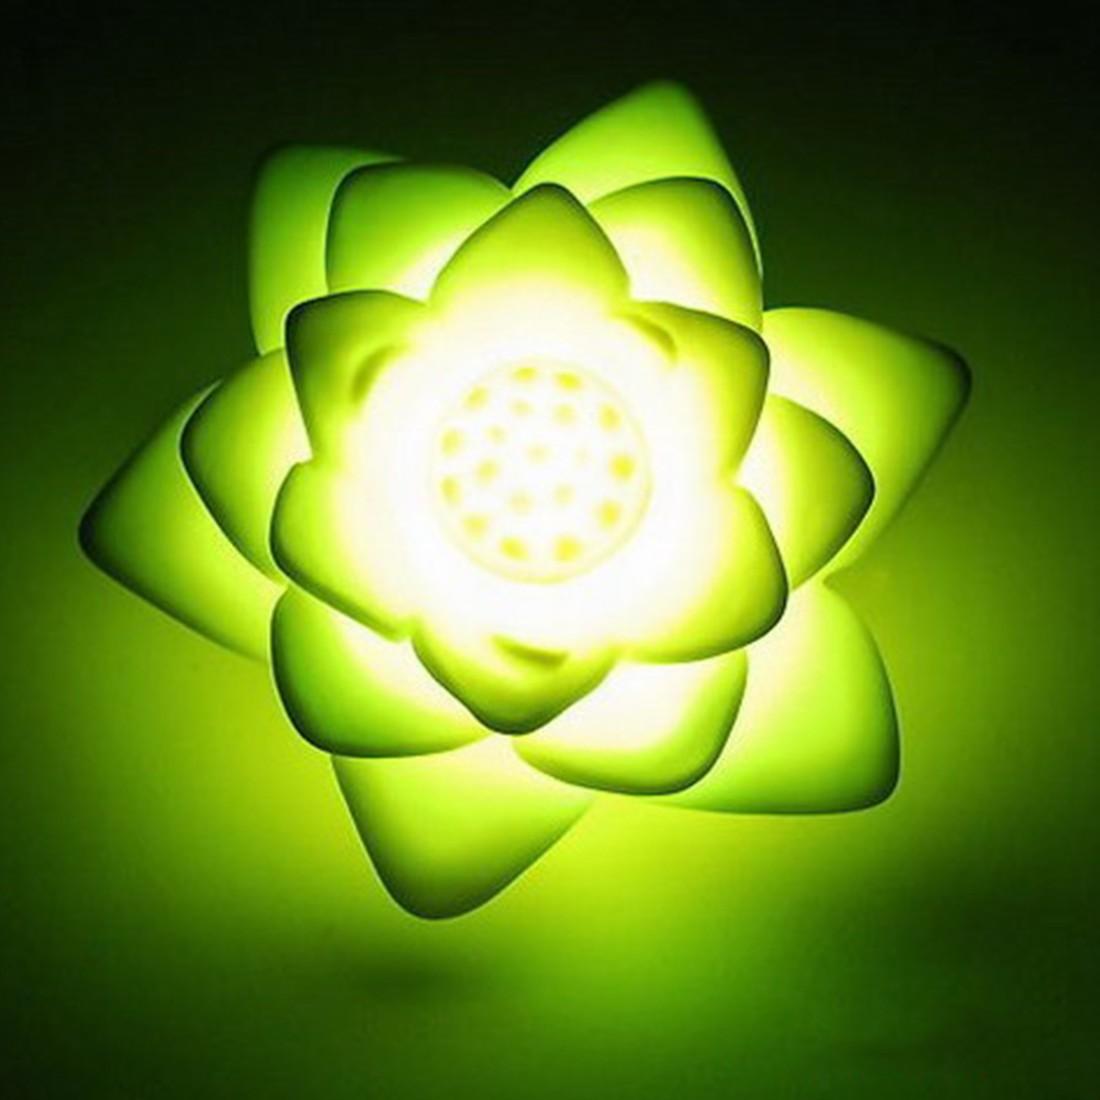 Светодиодный ночник Романтическая любовь настроение лампа Цветок лотоса ночник Цвет Изменение цветок лотоса украшения дома ...